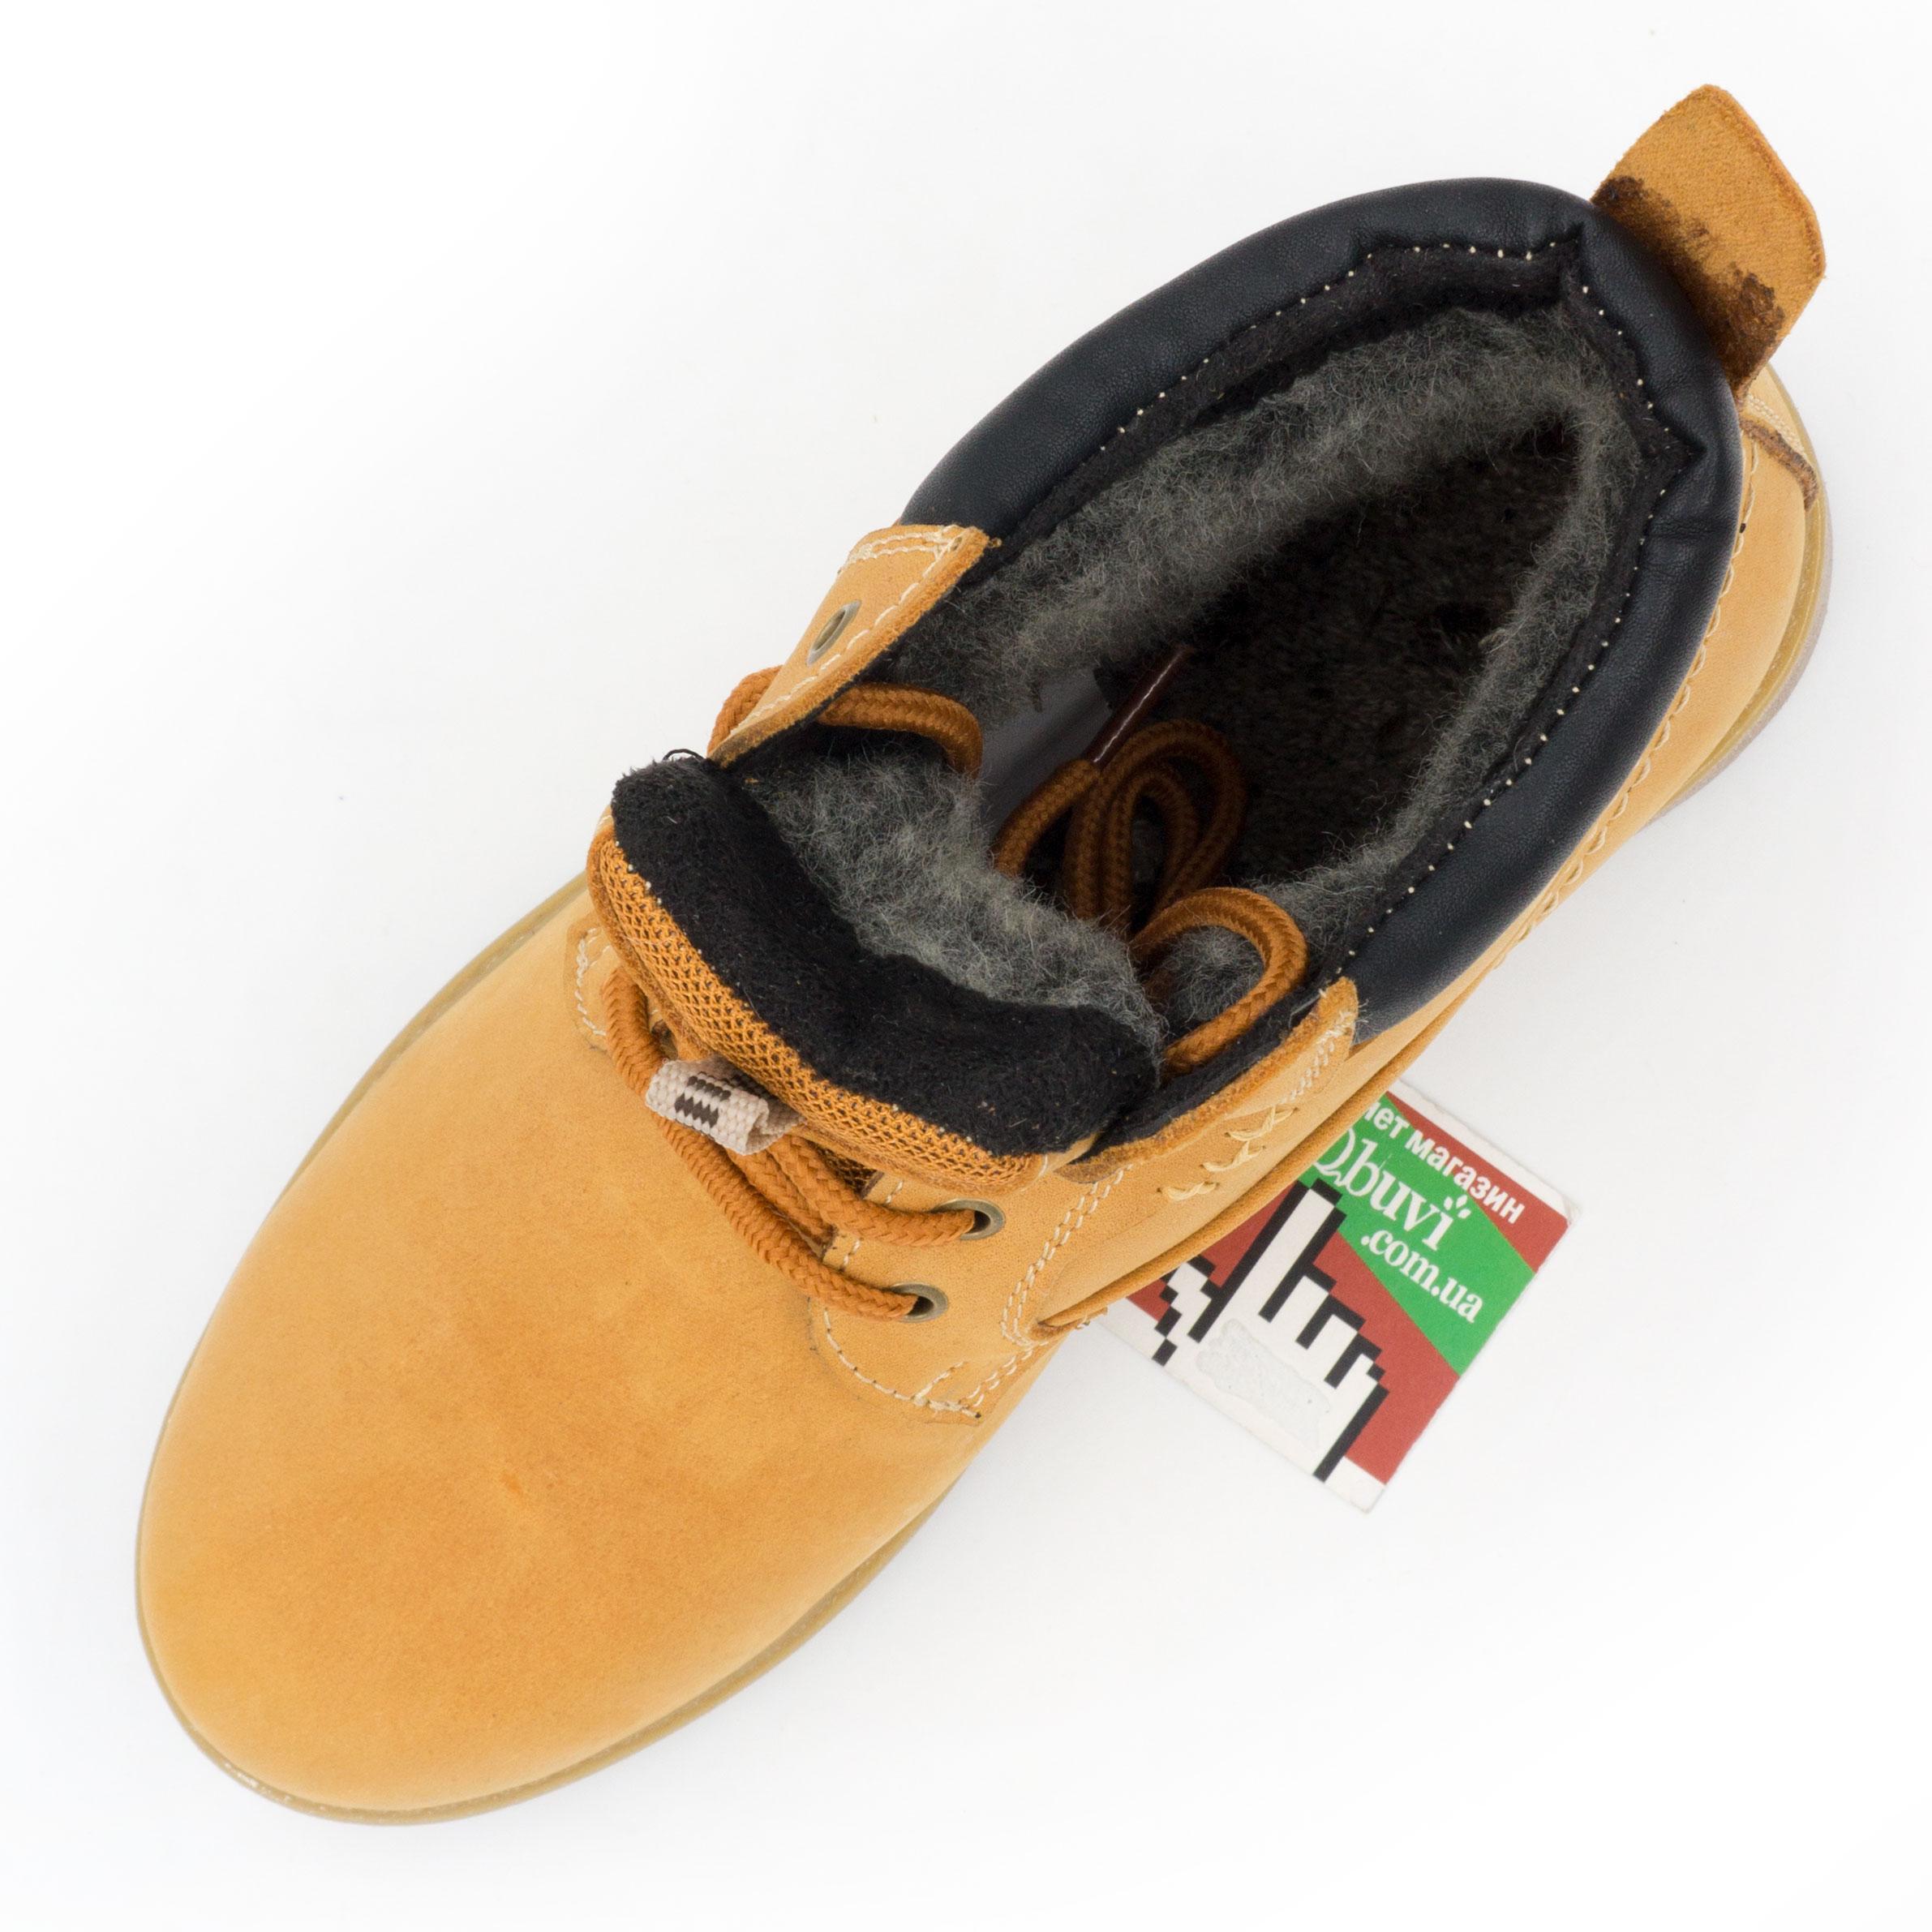 фото back Желтые кожаные женские ботинки Реплика Timberland 101 (Тимберленд)  back